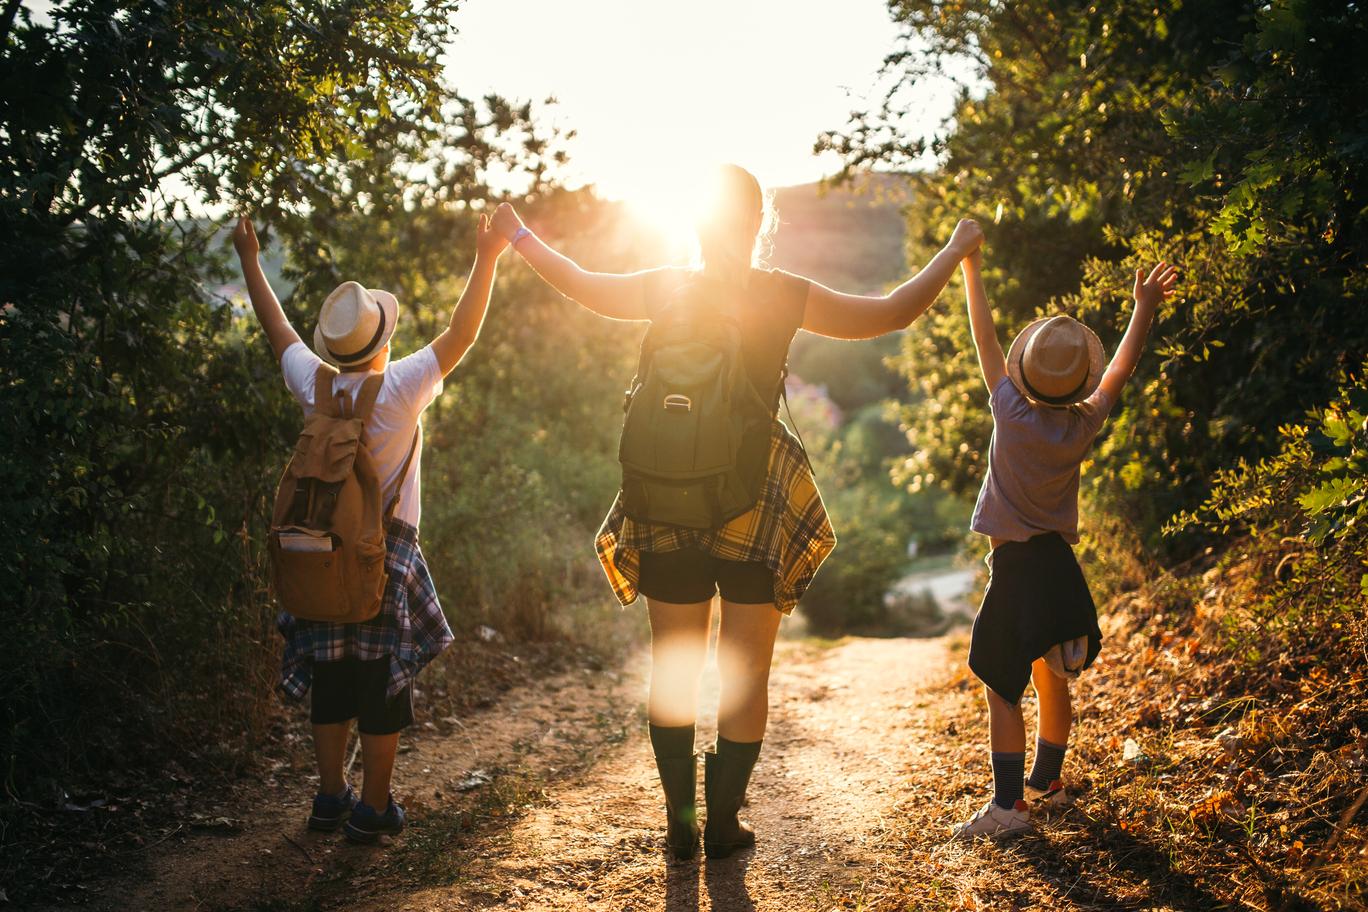 マカダミアナッツと過ごす夏休み おうちで楽しくサマースクール